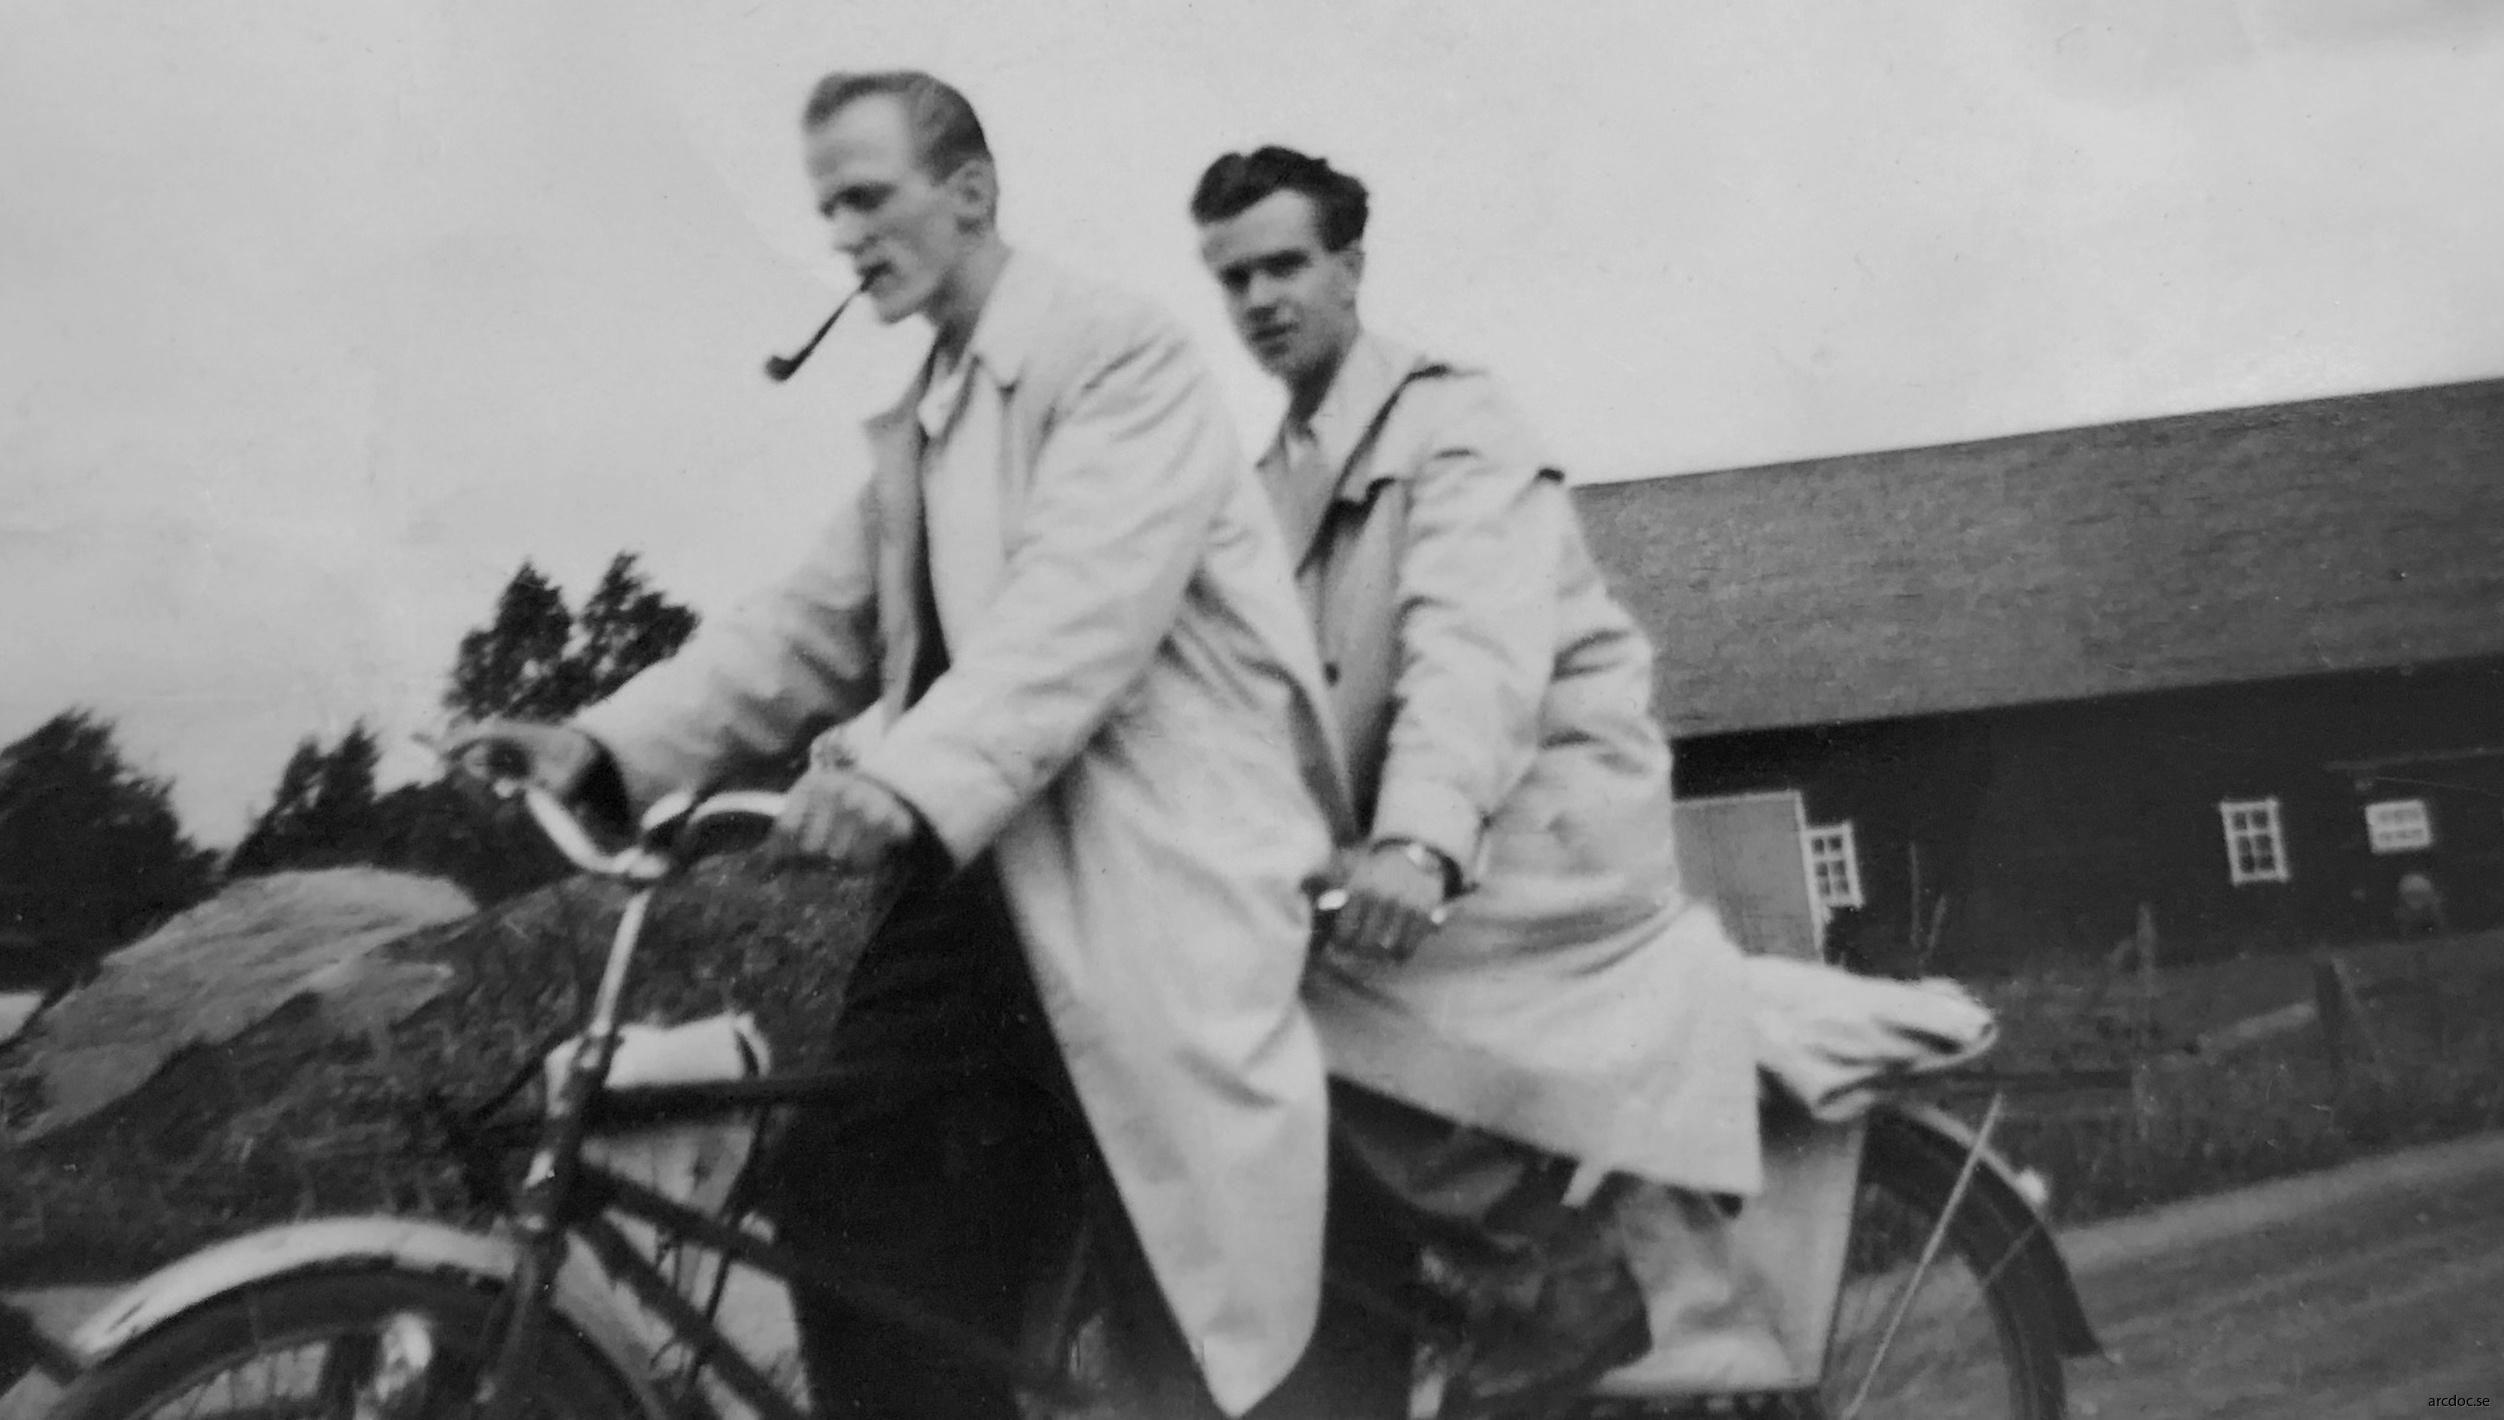 mogna Dating för över 50-talet Irland